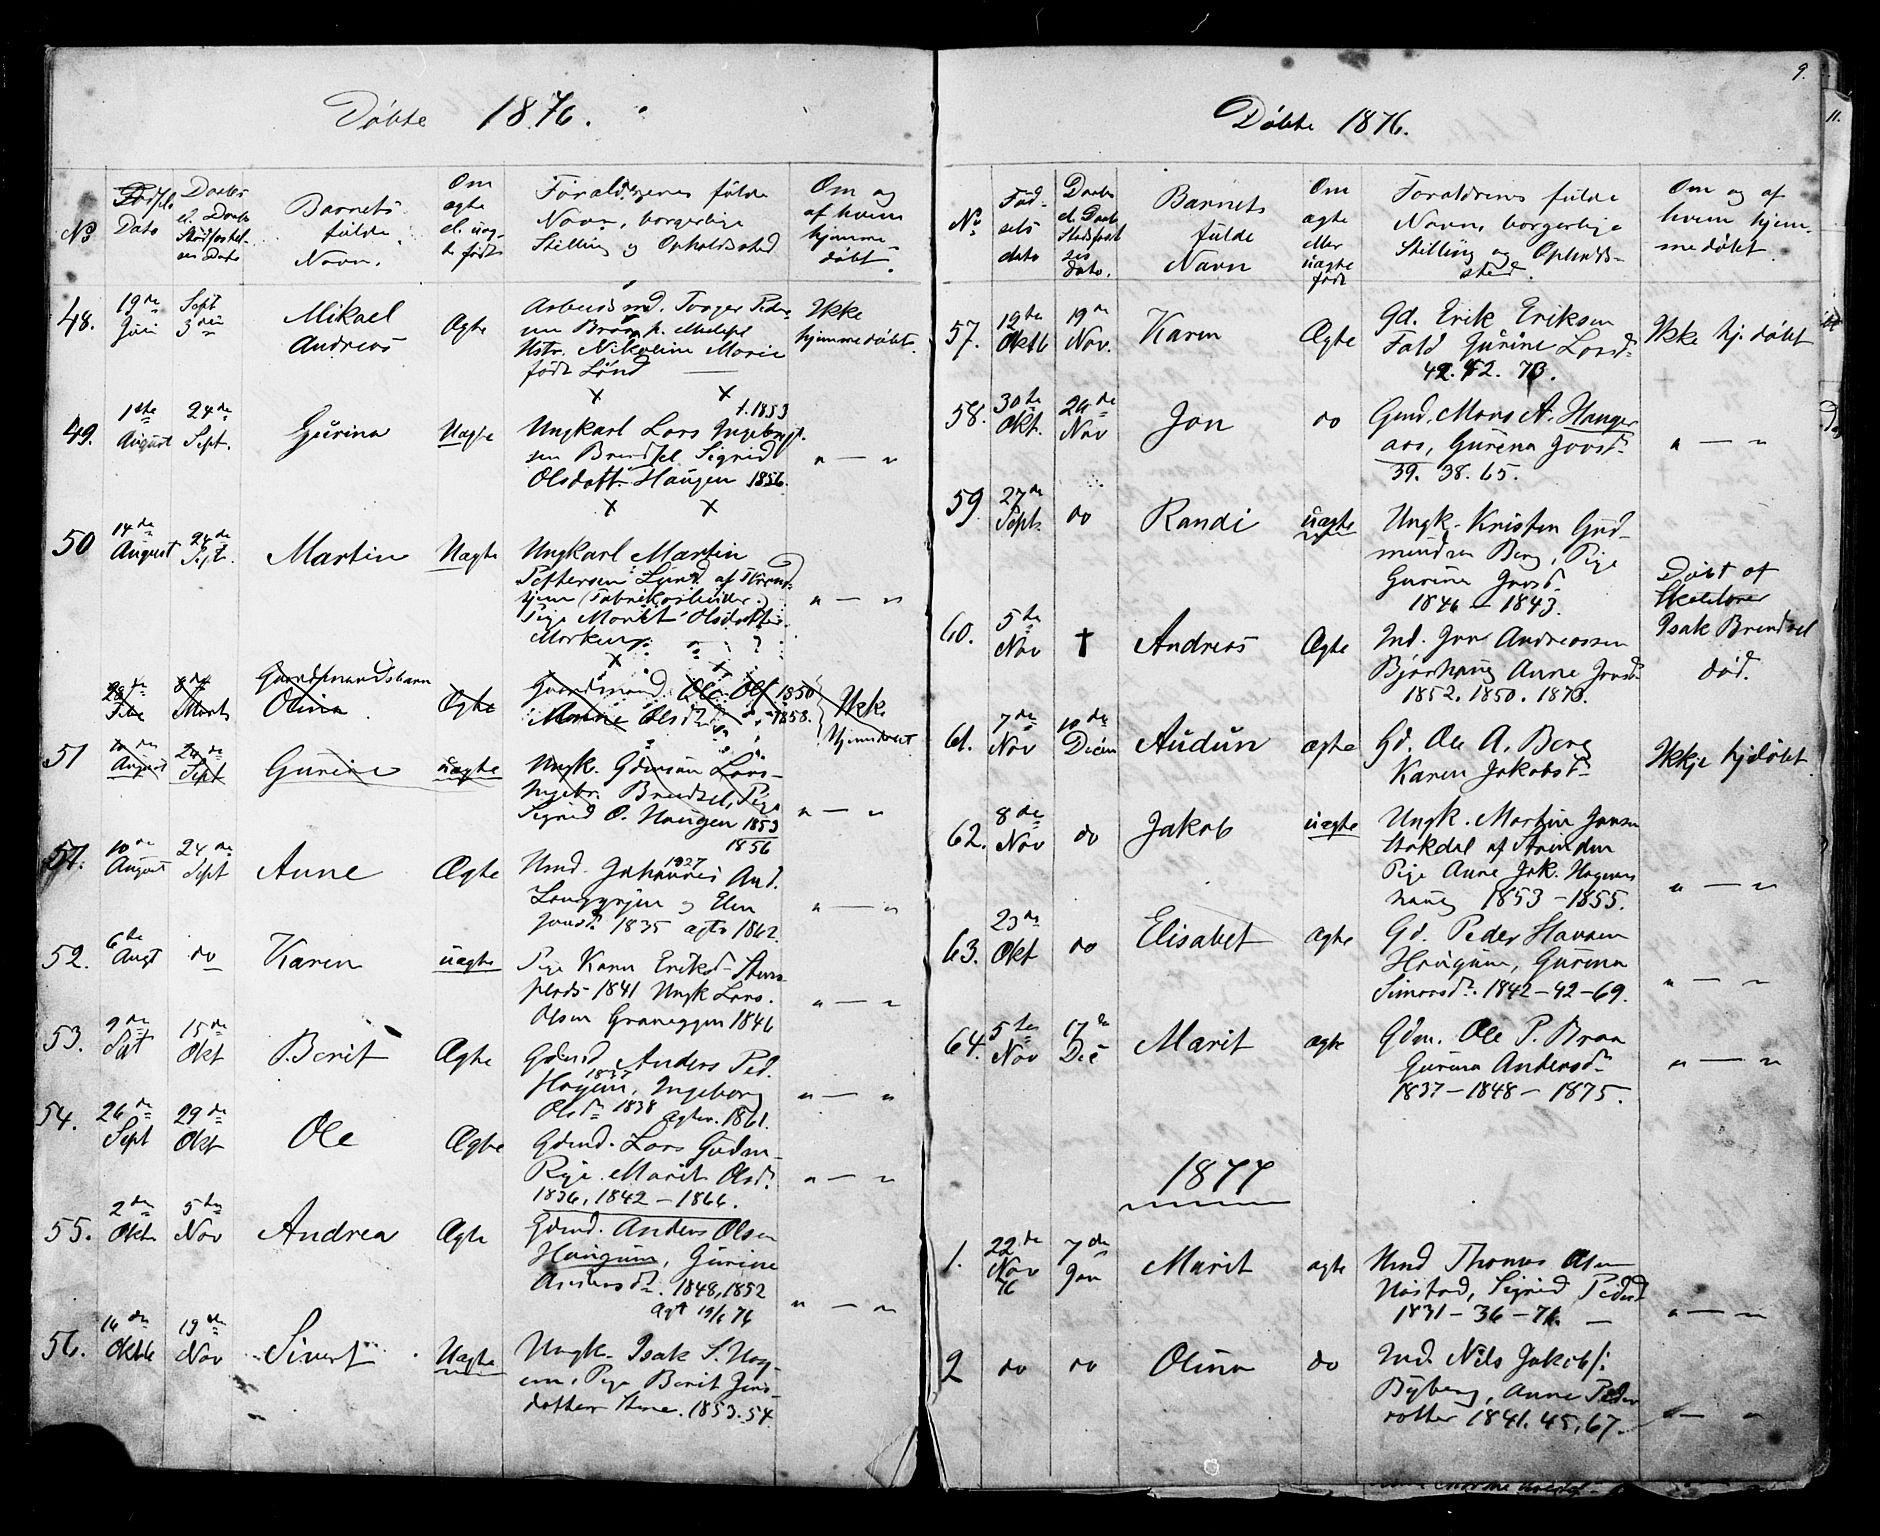 SAT, Ministerialprotokoller, klokkerbøker og fødselsregistre - Sør-Trøndelag, 612/L0387: Klokkerbok nr. 612C03, 1874-1908, s. 9